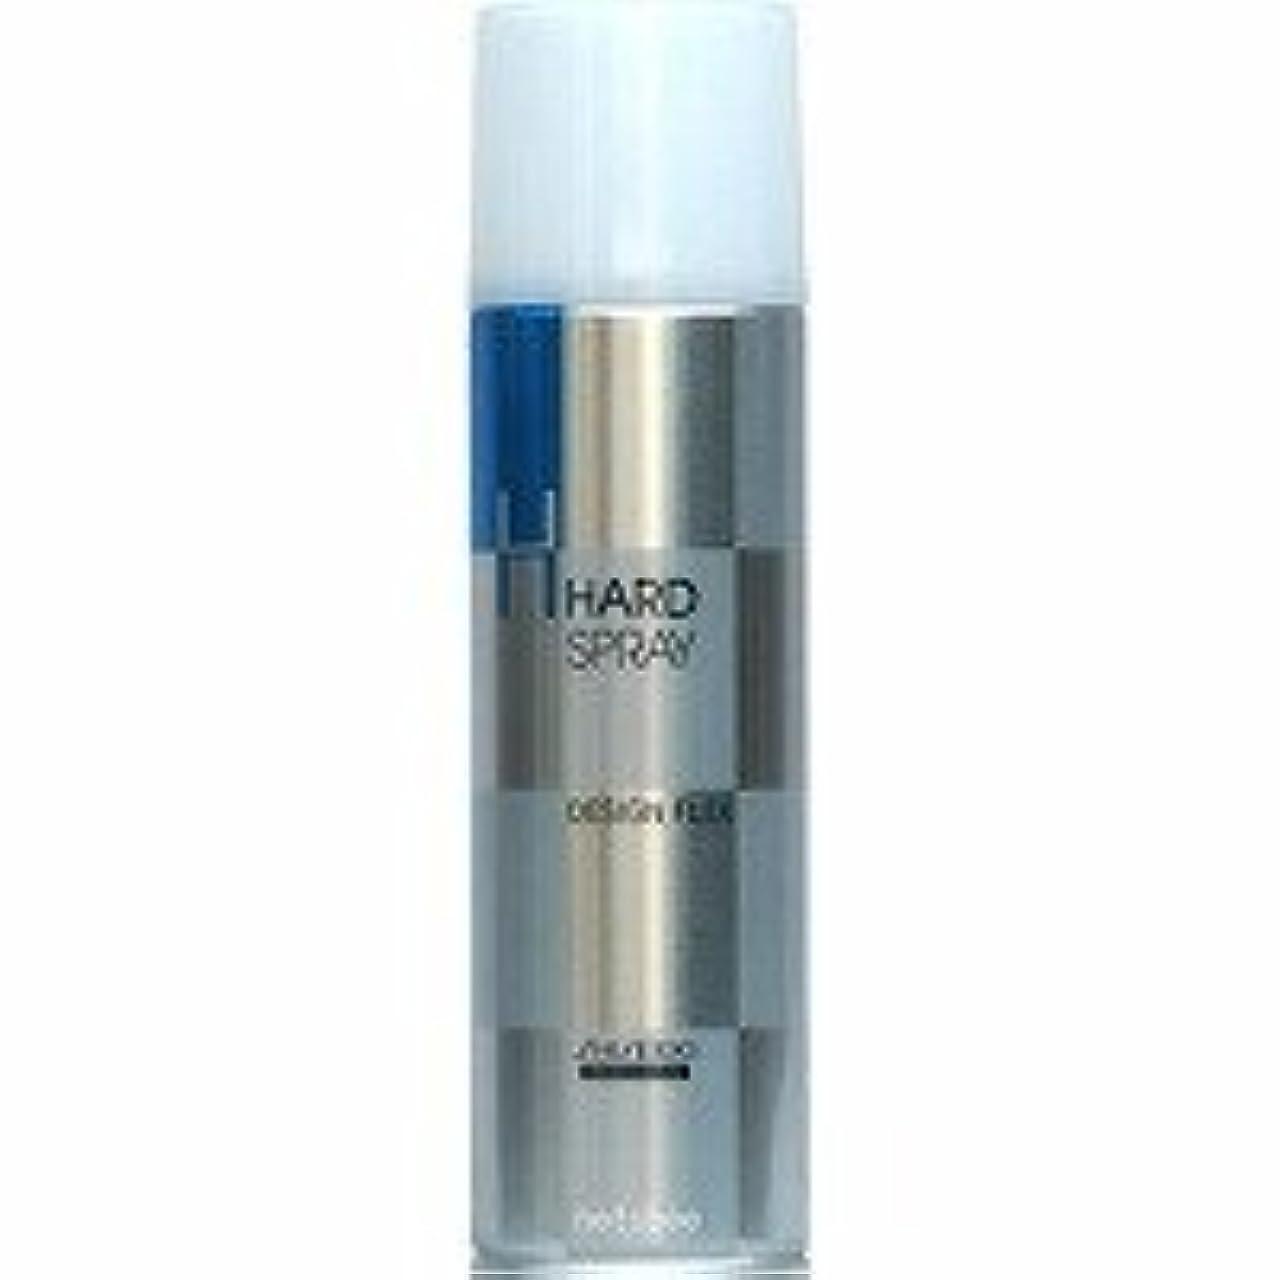 達成可能振り返る思想【X2個セット】 資生堂プロフェッショナル デザインフレックス ハードスプレー 260g shiseido PROFESSIONAL